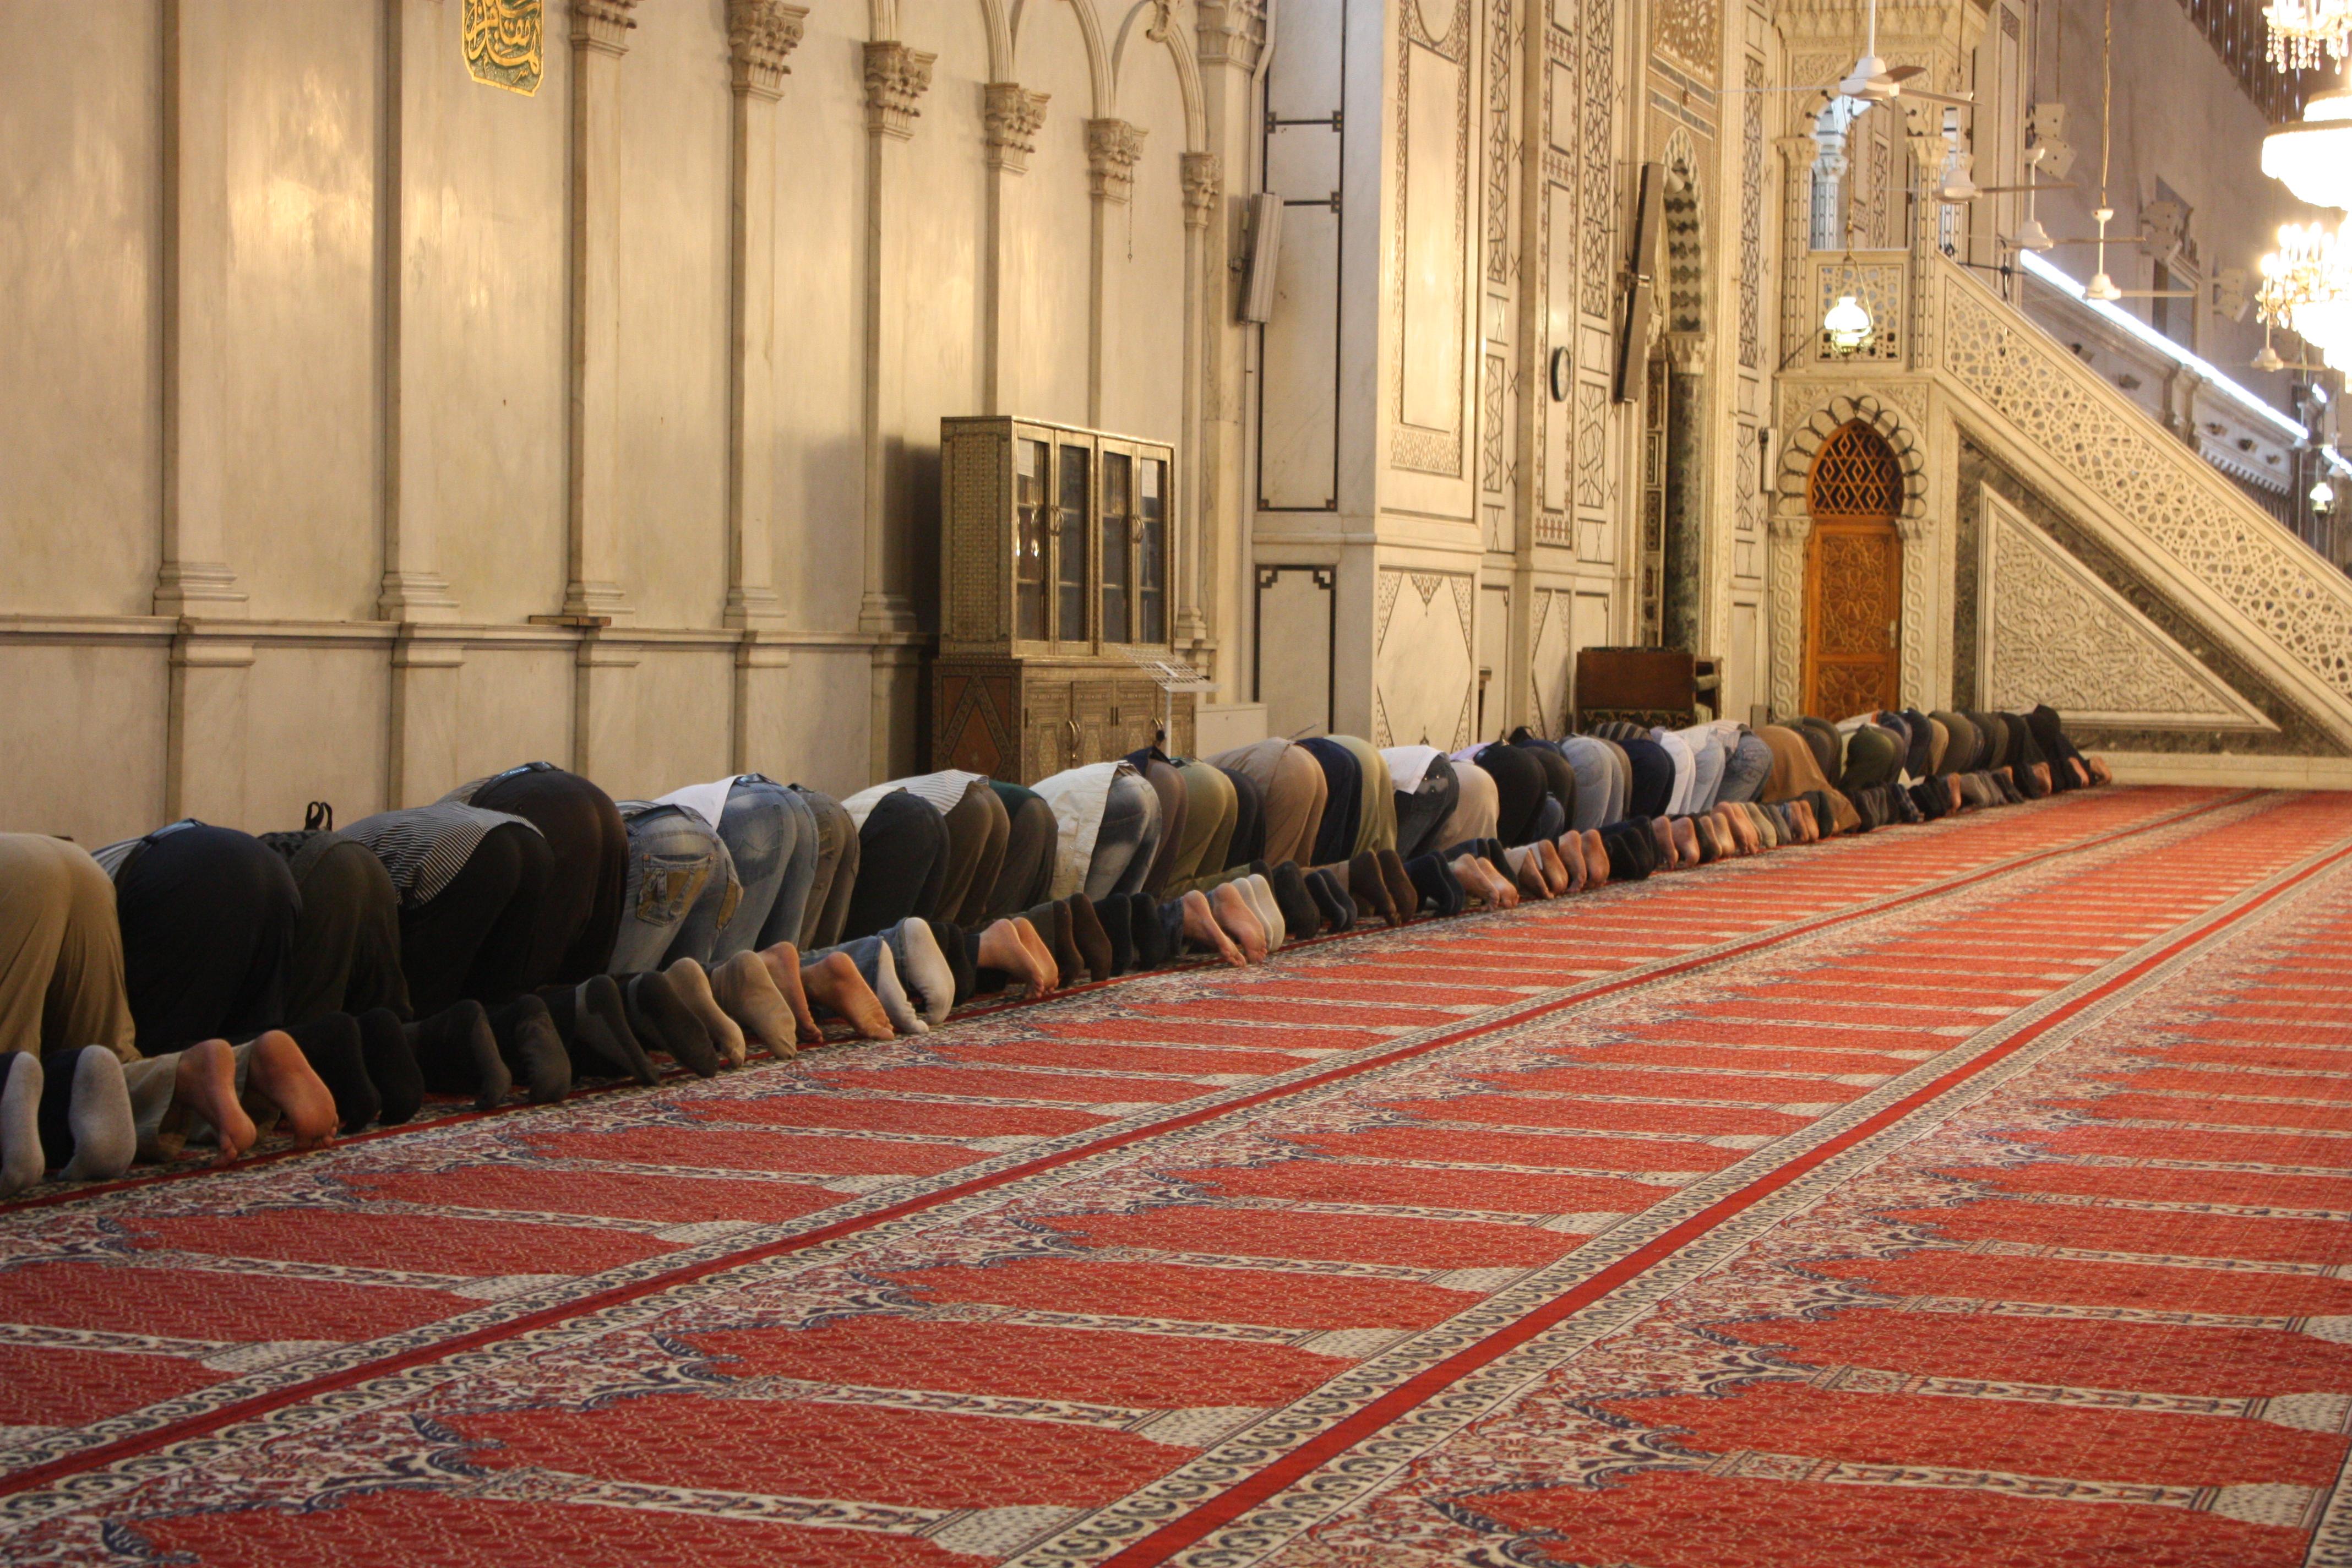 www.flickr.com/photos/azwegers/6362307027 Damascus, Umayyad Mosque, prayers - Arian Zwegers